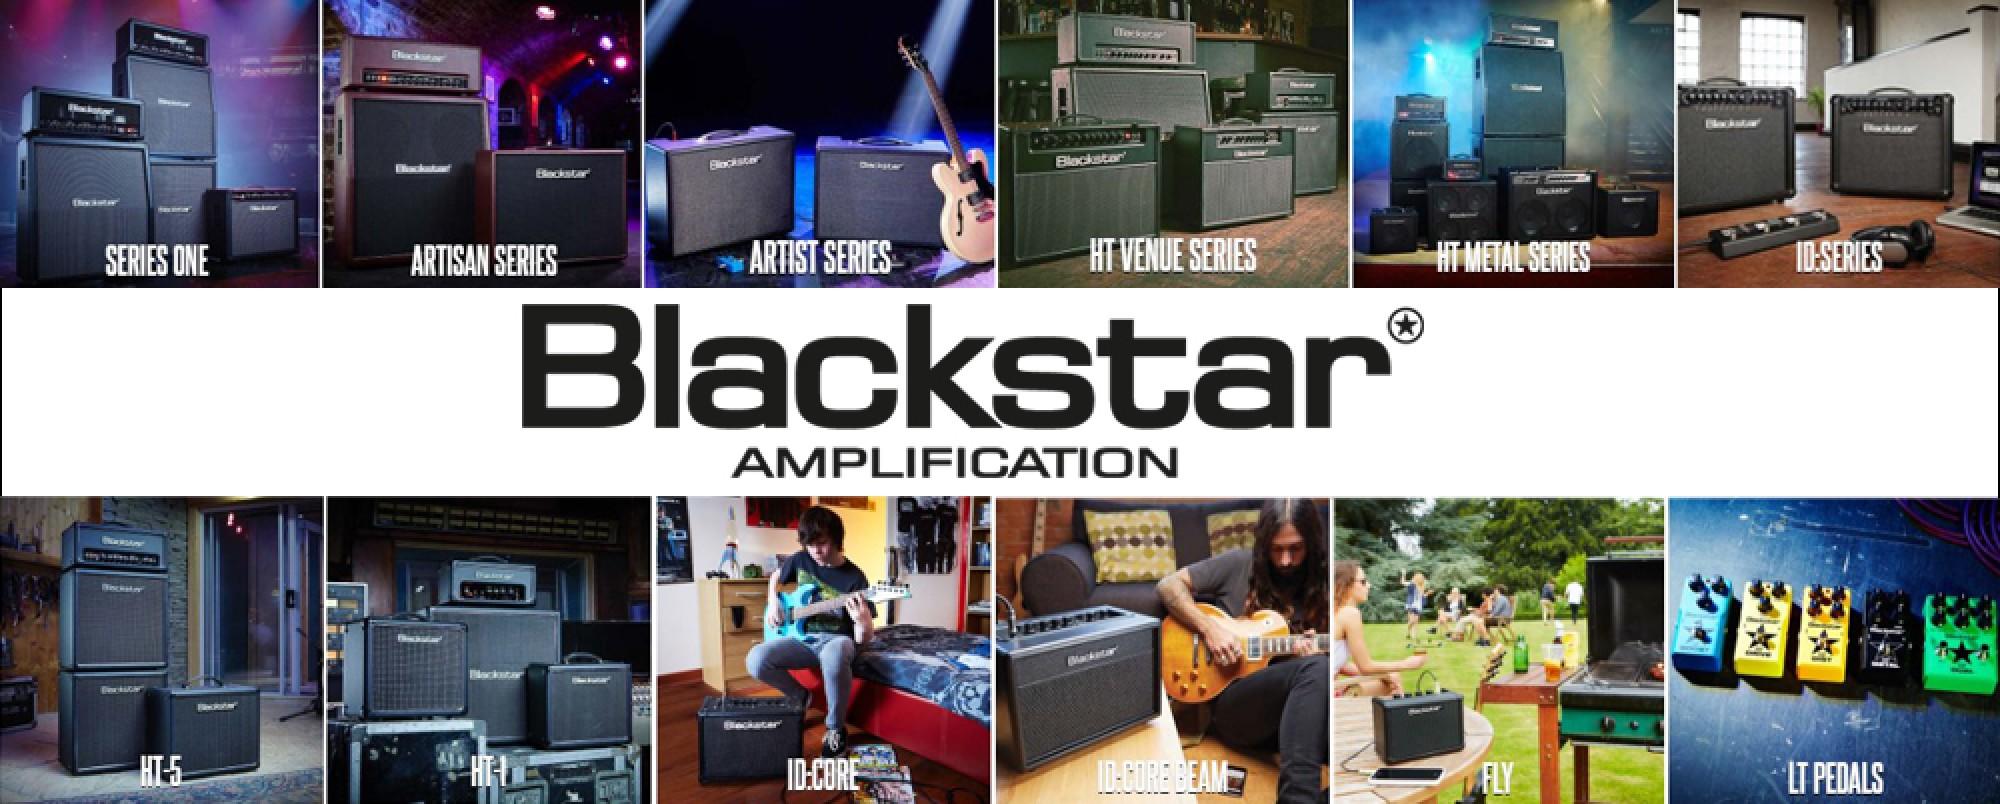 526-Blackstar-grandes-amplificadores-para-guitarristas-de-todo-el-mundo.--0v6pz.jpg